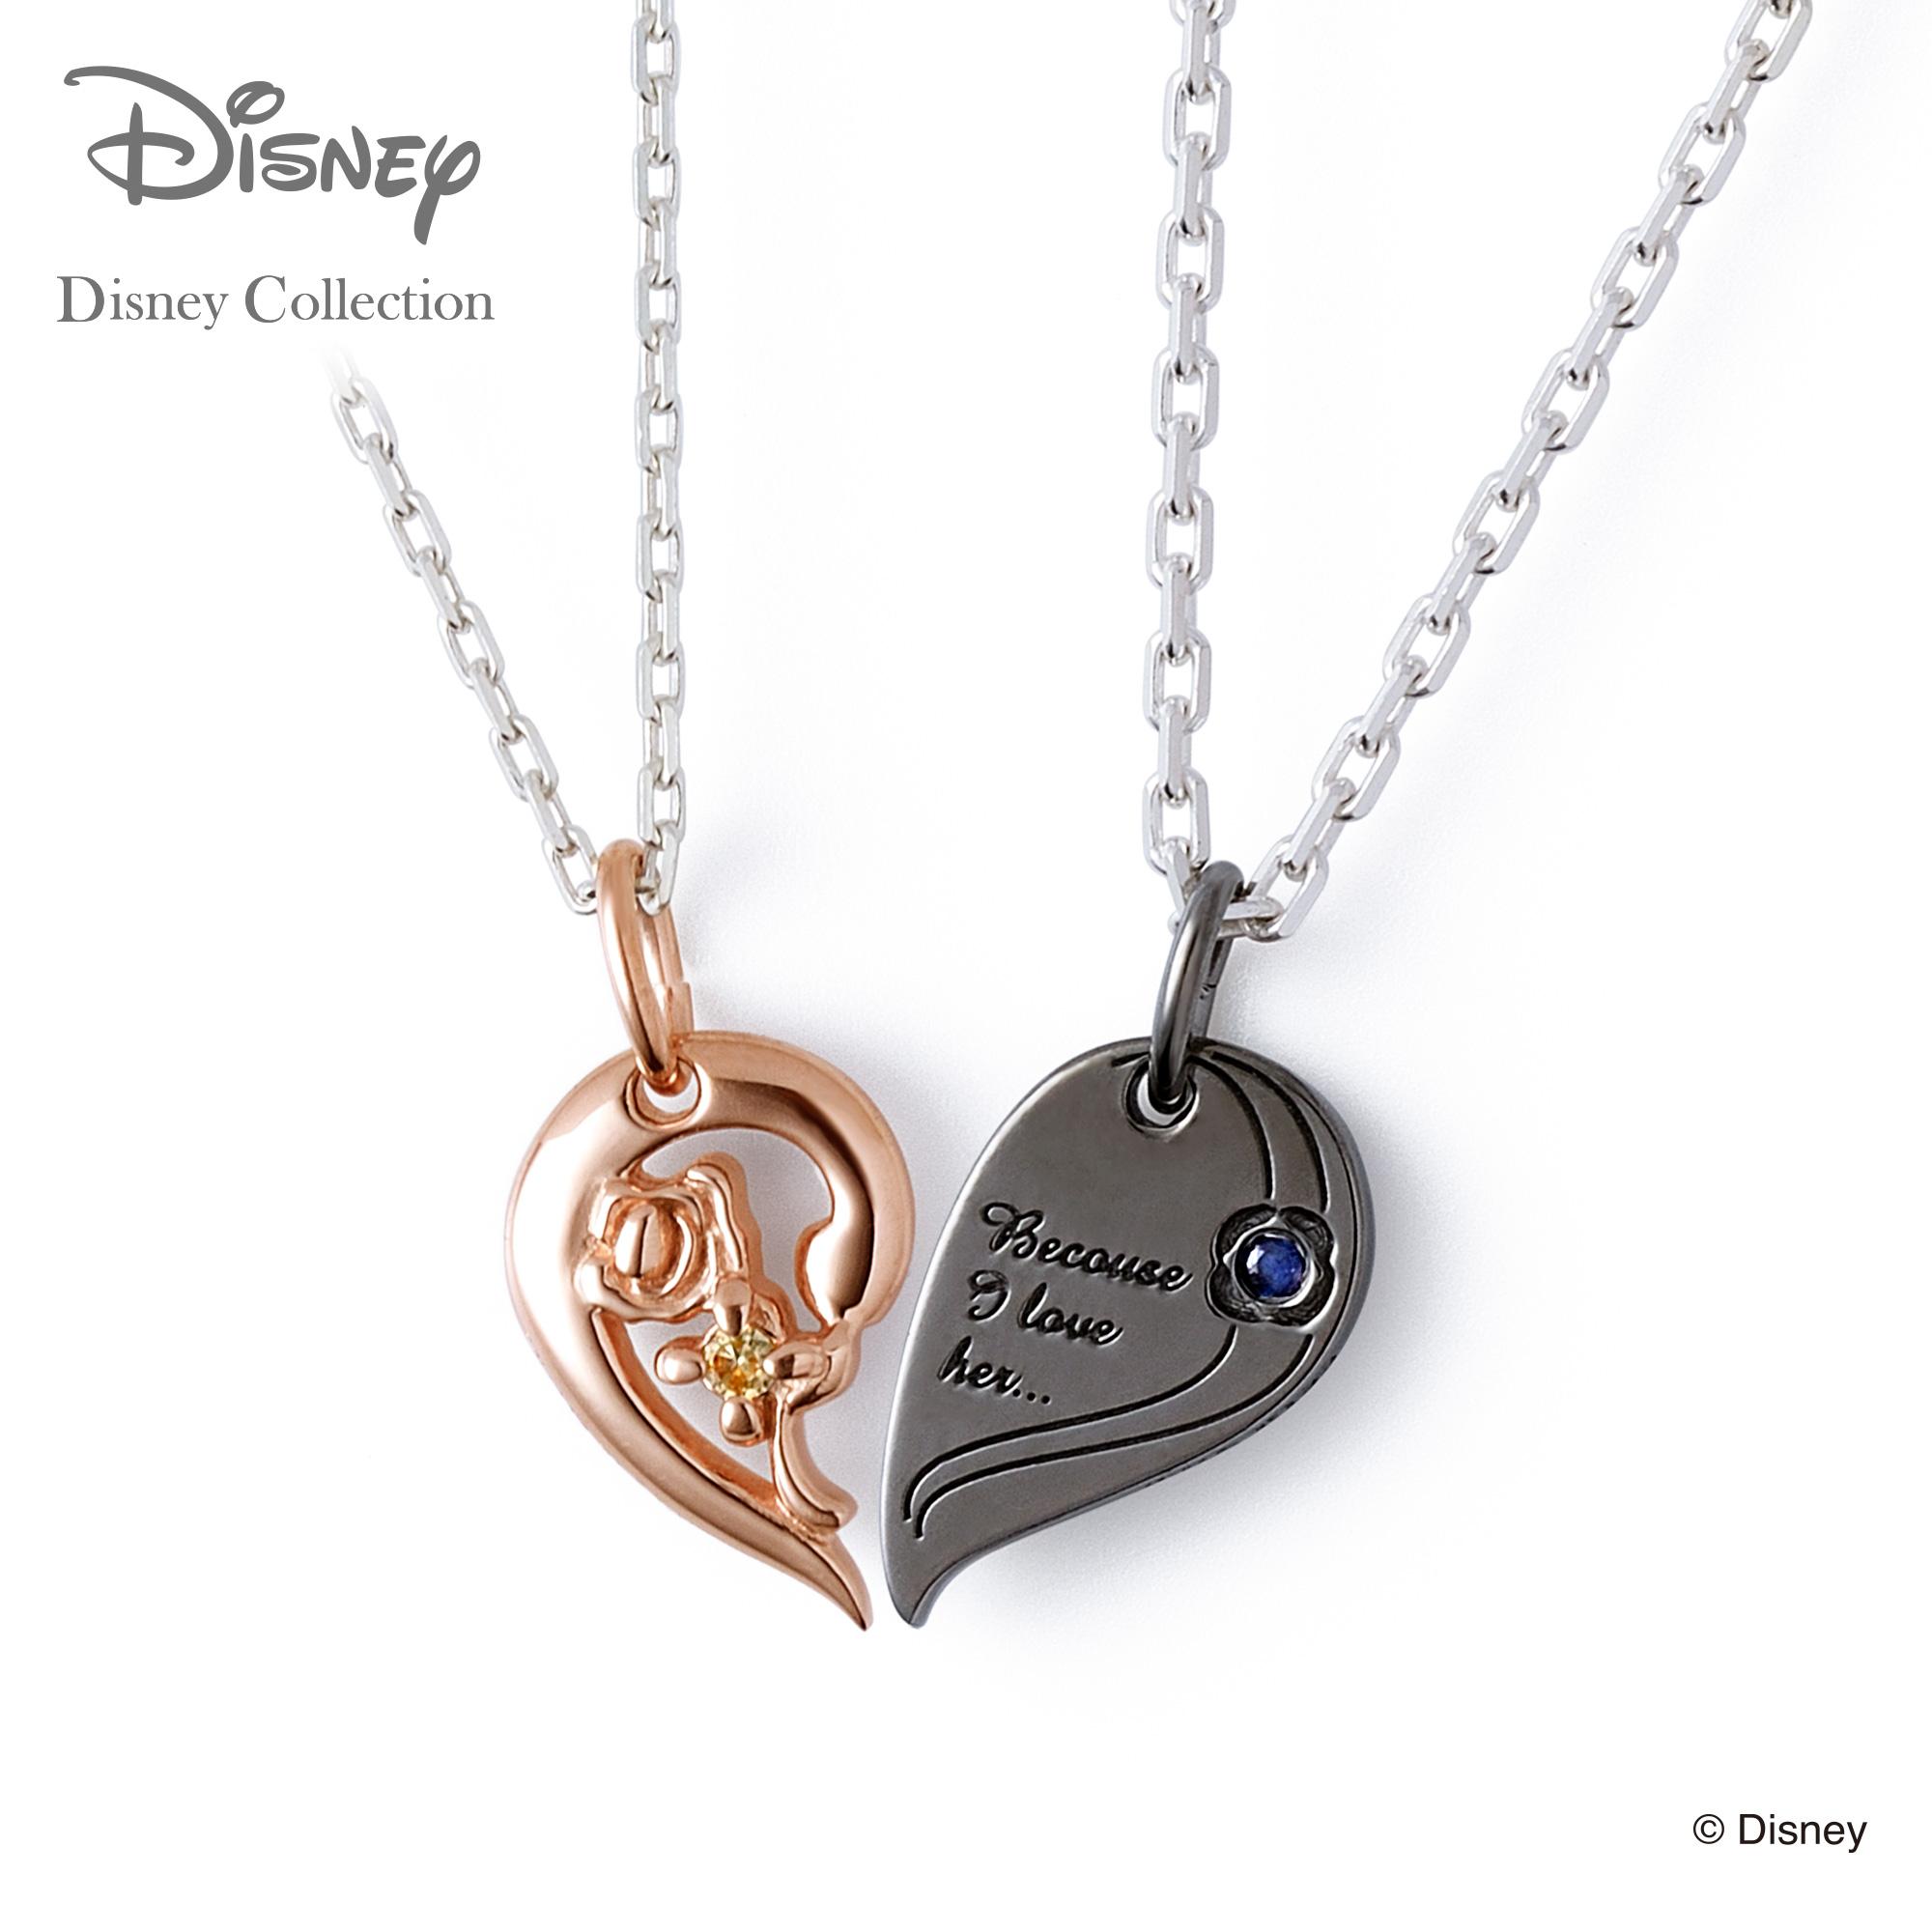 【あす楽対応】【ディズニーコレクション】 ディズニー / ネックレス / ディズニープリンセス ベル / THE KISS ペア ネックレス・ペンダント シルバー DI-SN705YSP-706SP セット シンプル ザキス 【送料無料】